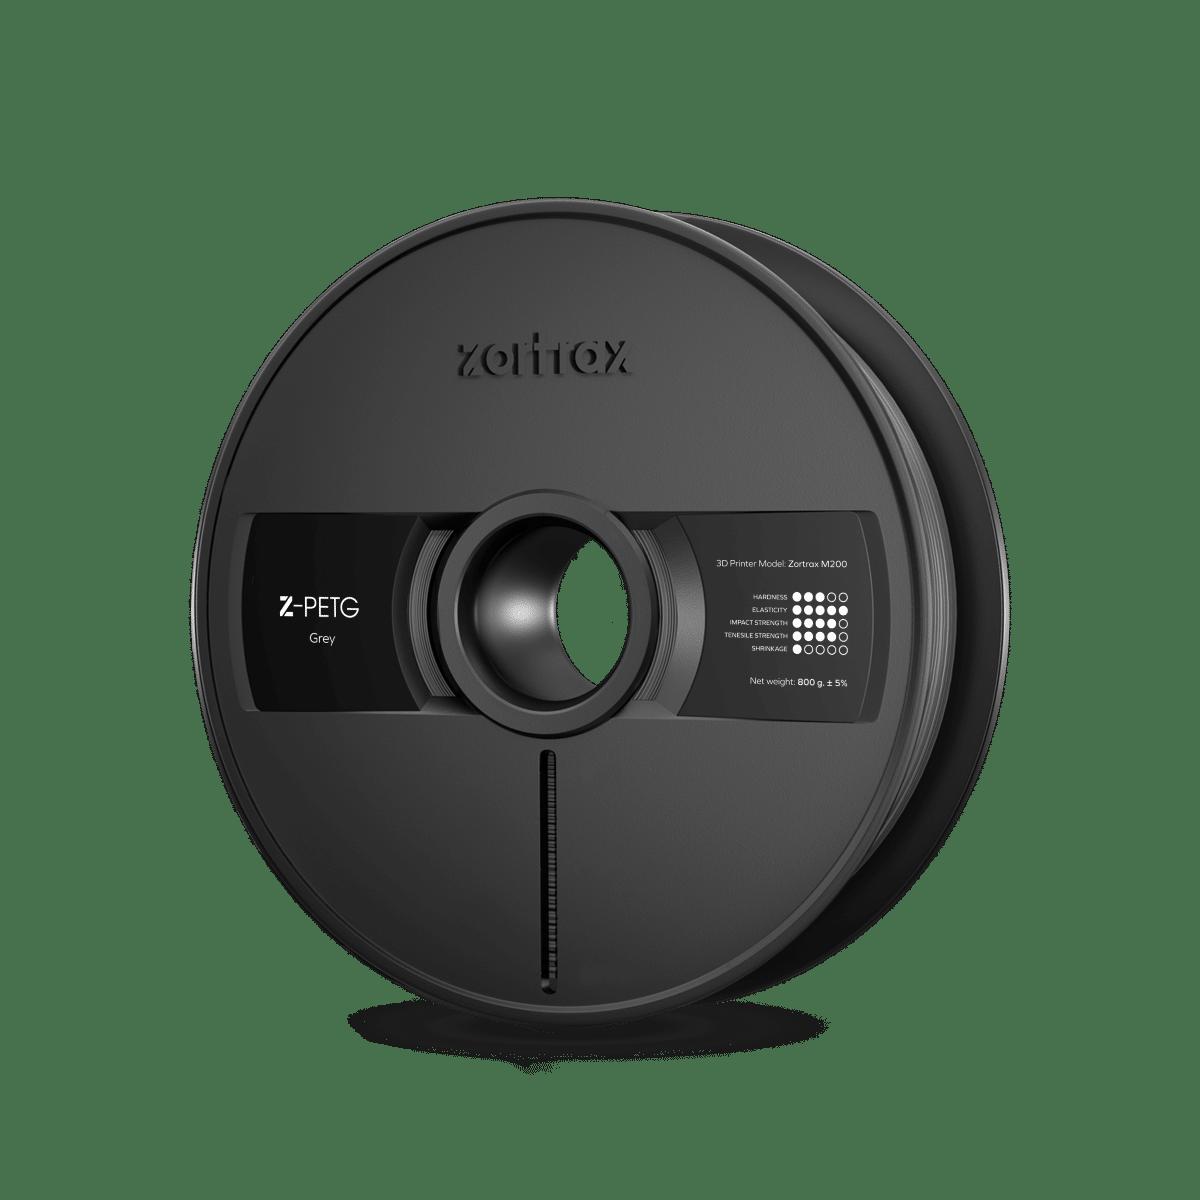 Billede af Zortrax Z-PETG - 1,75mm - 800g - Grey